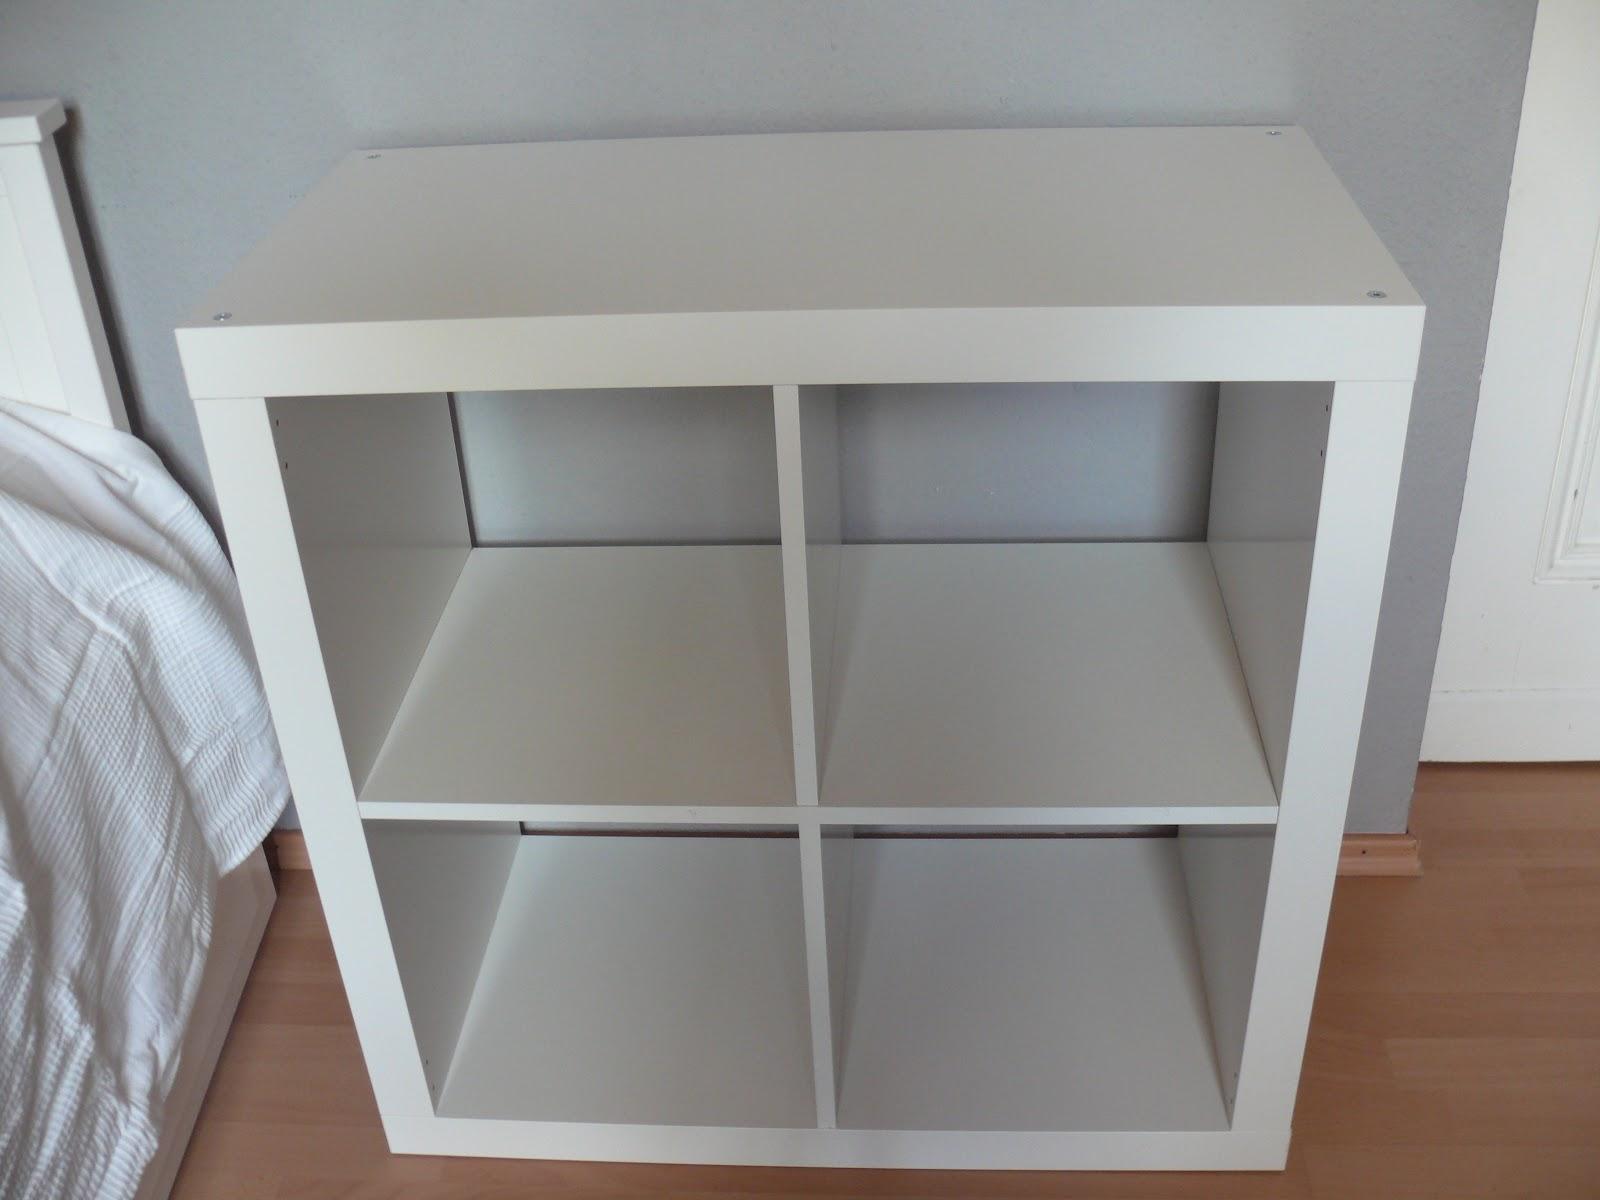 Sch fchen 39 s blog wir dekorieren mein regal - Ikea glastisch dekorieren ...